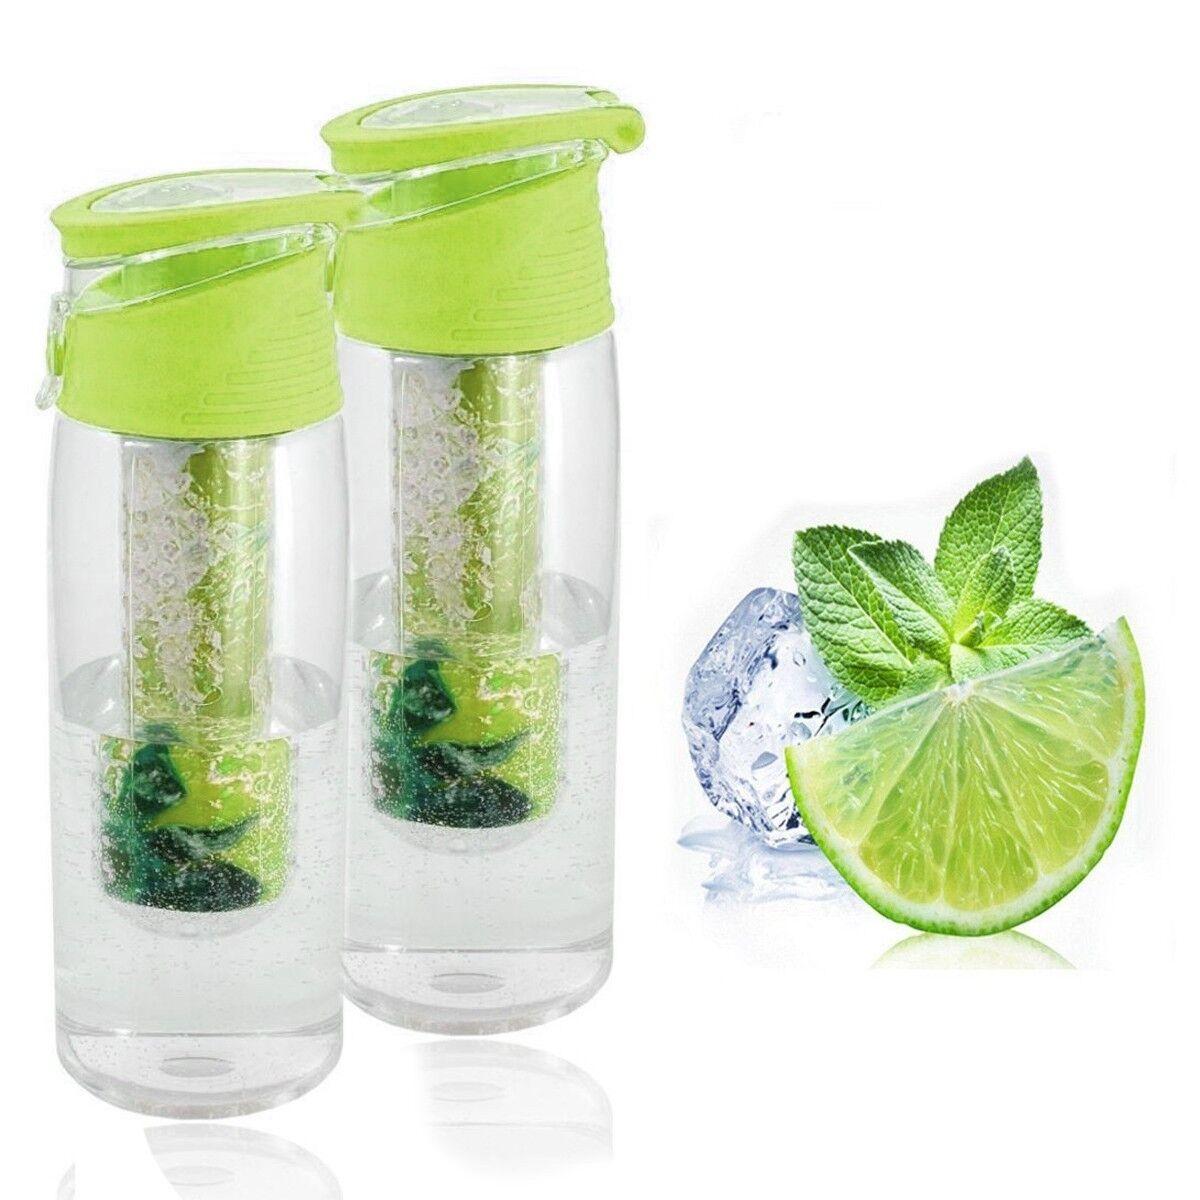 Trinkflasche 2er Set mit Fruchteinsatz grün Wasserflasche Sportflasche Behälter